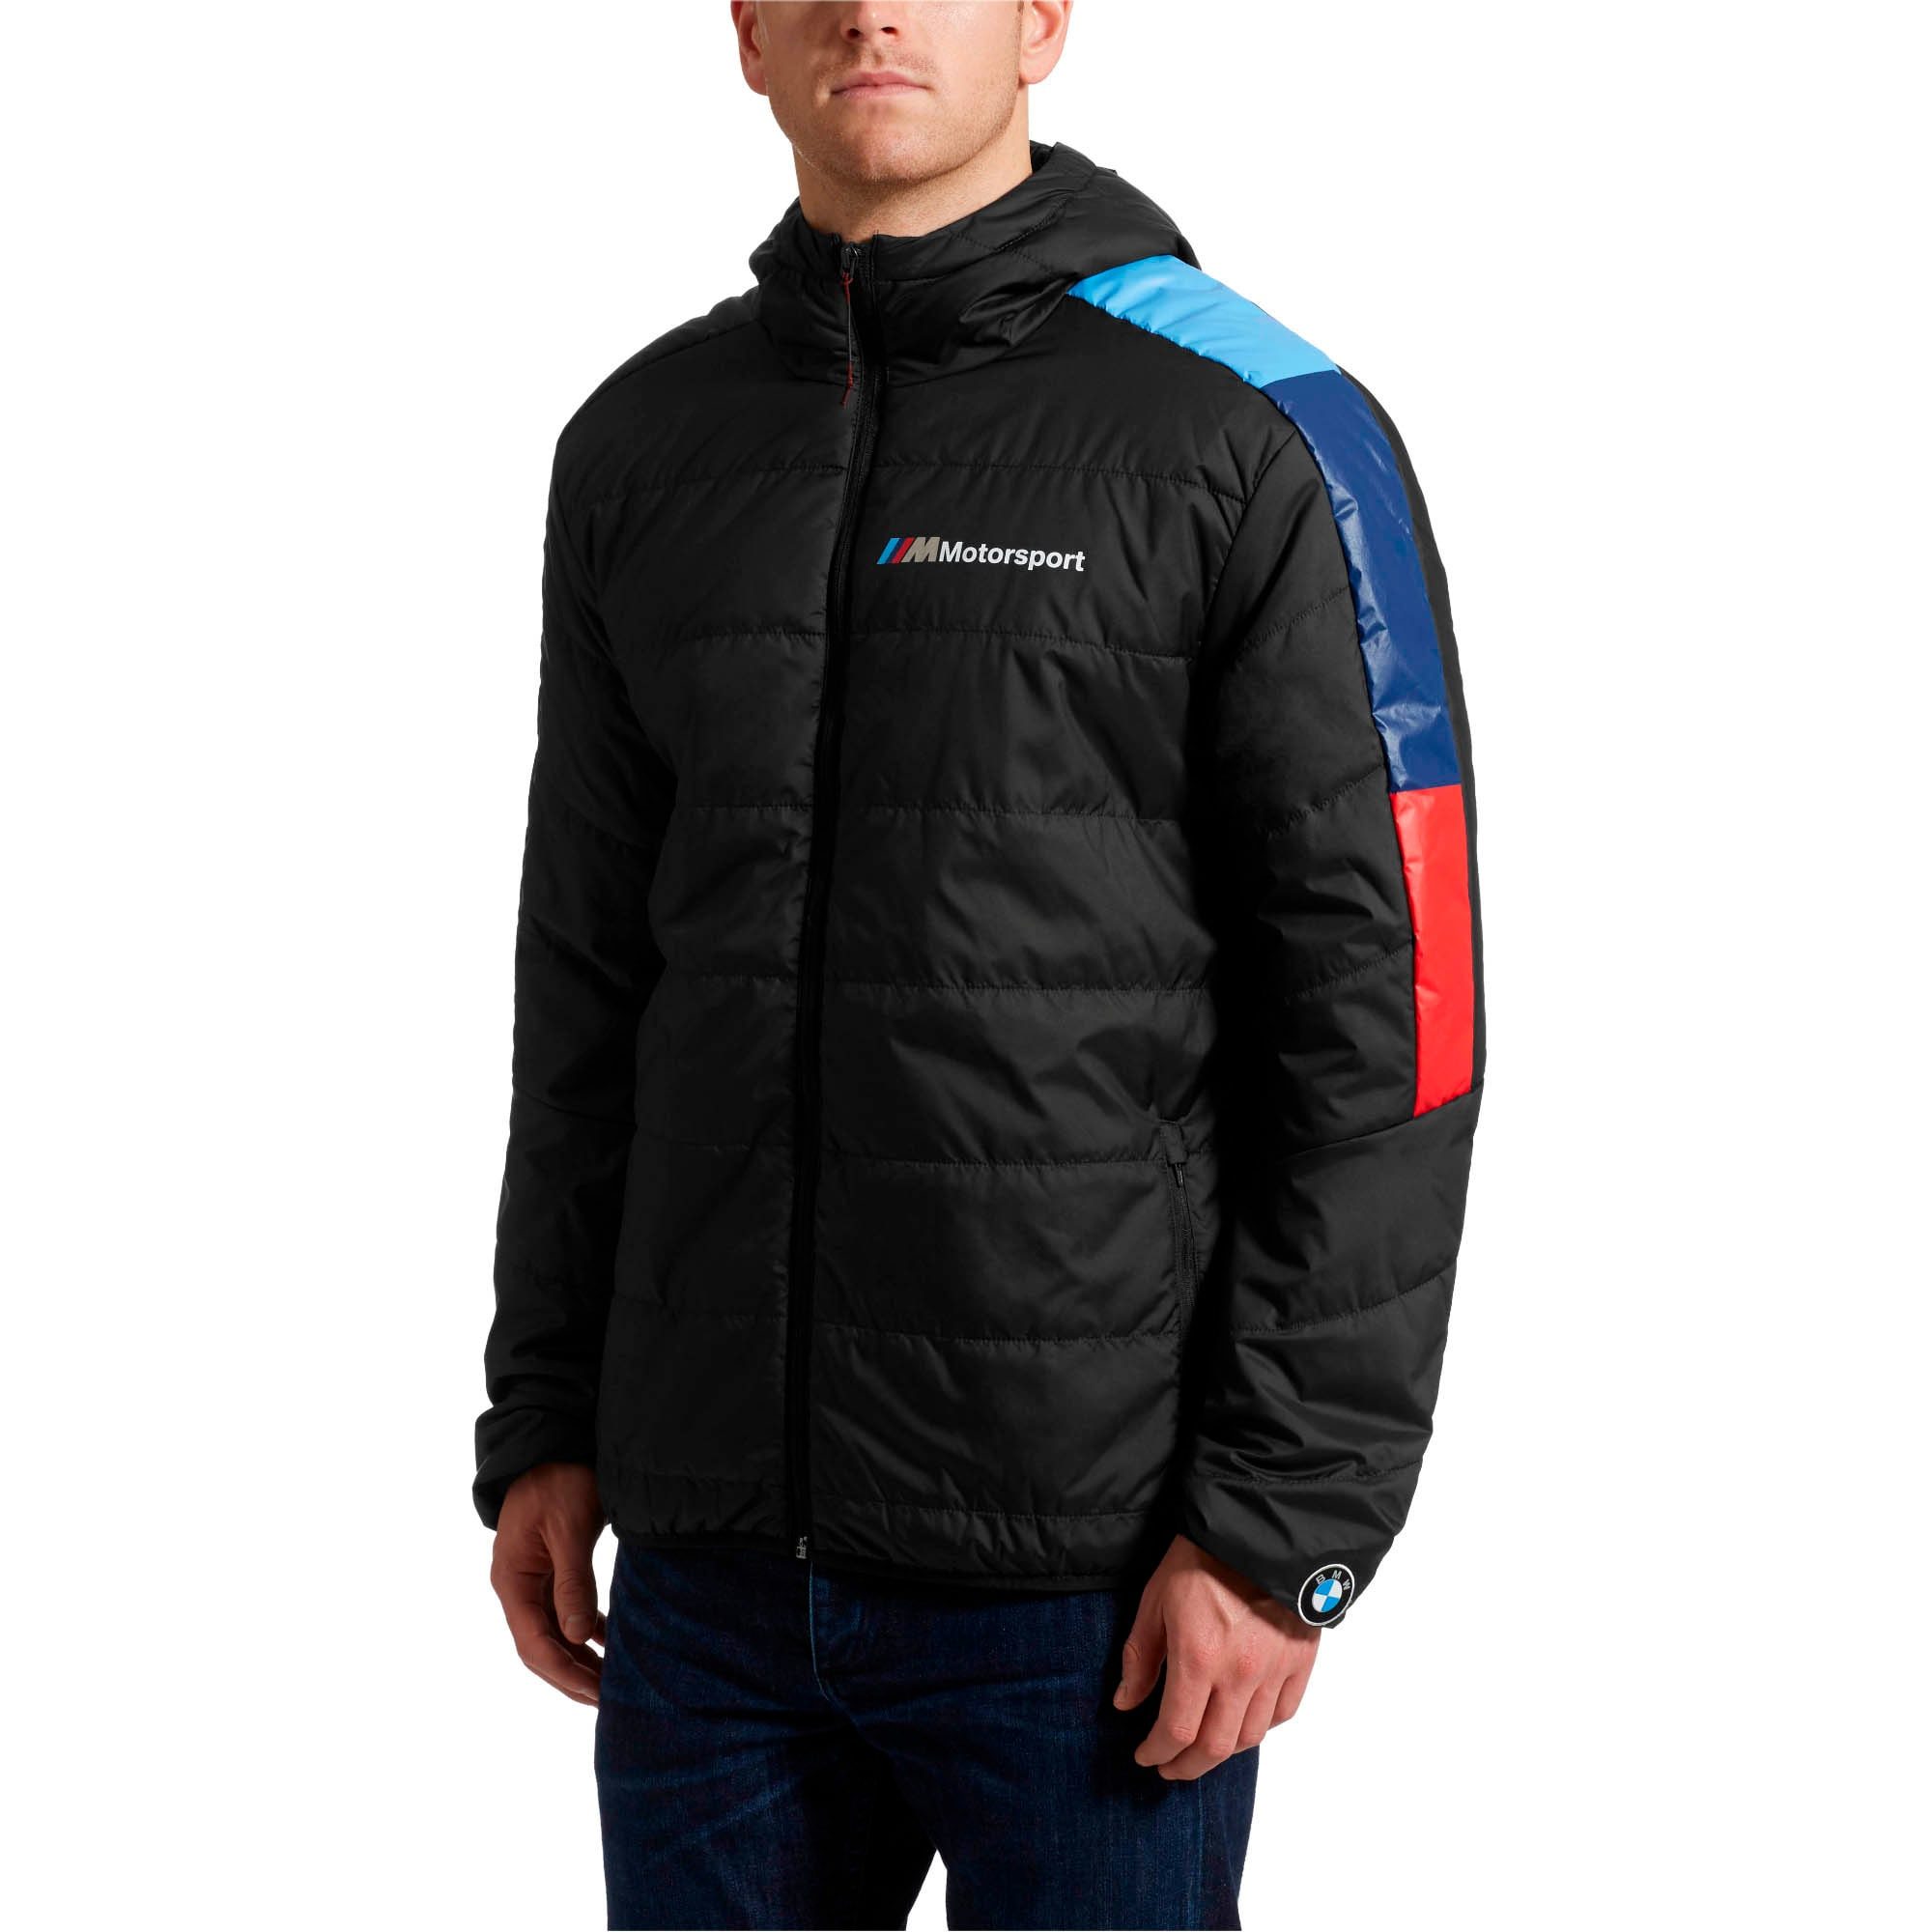 Thumbnail 2 of BMW M Motorsport Men's T7 Jacket, Anthracite, medium